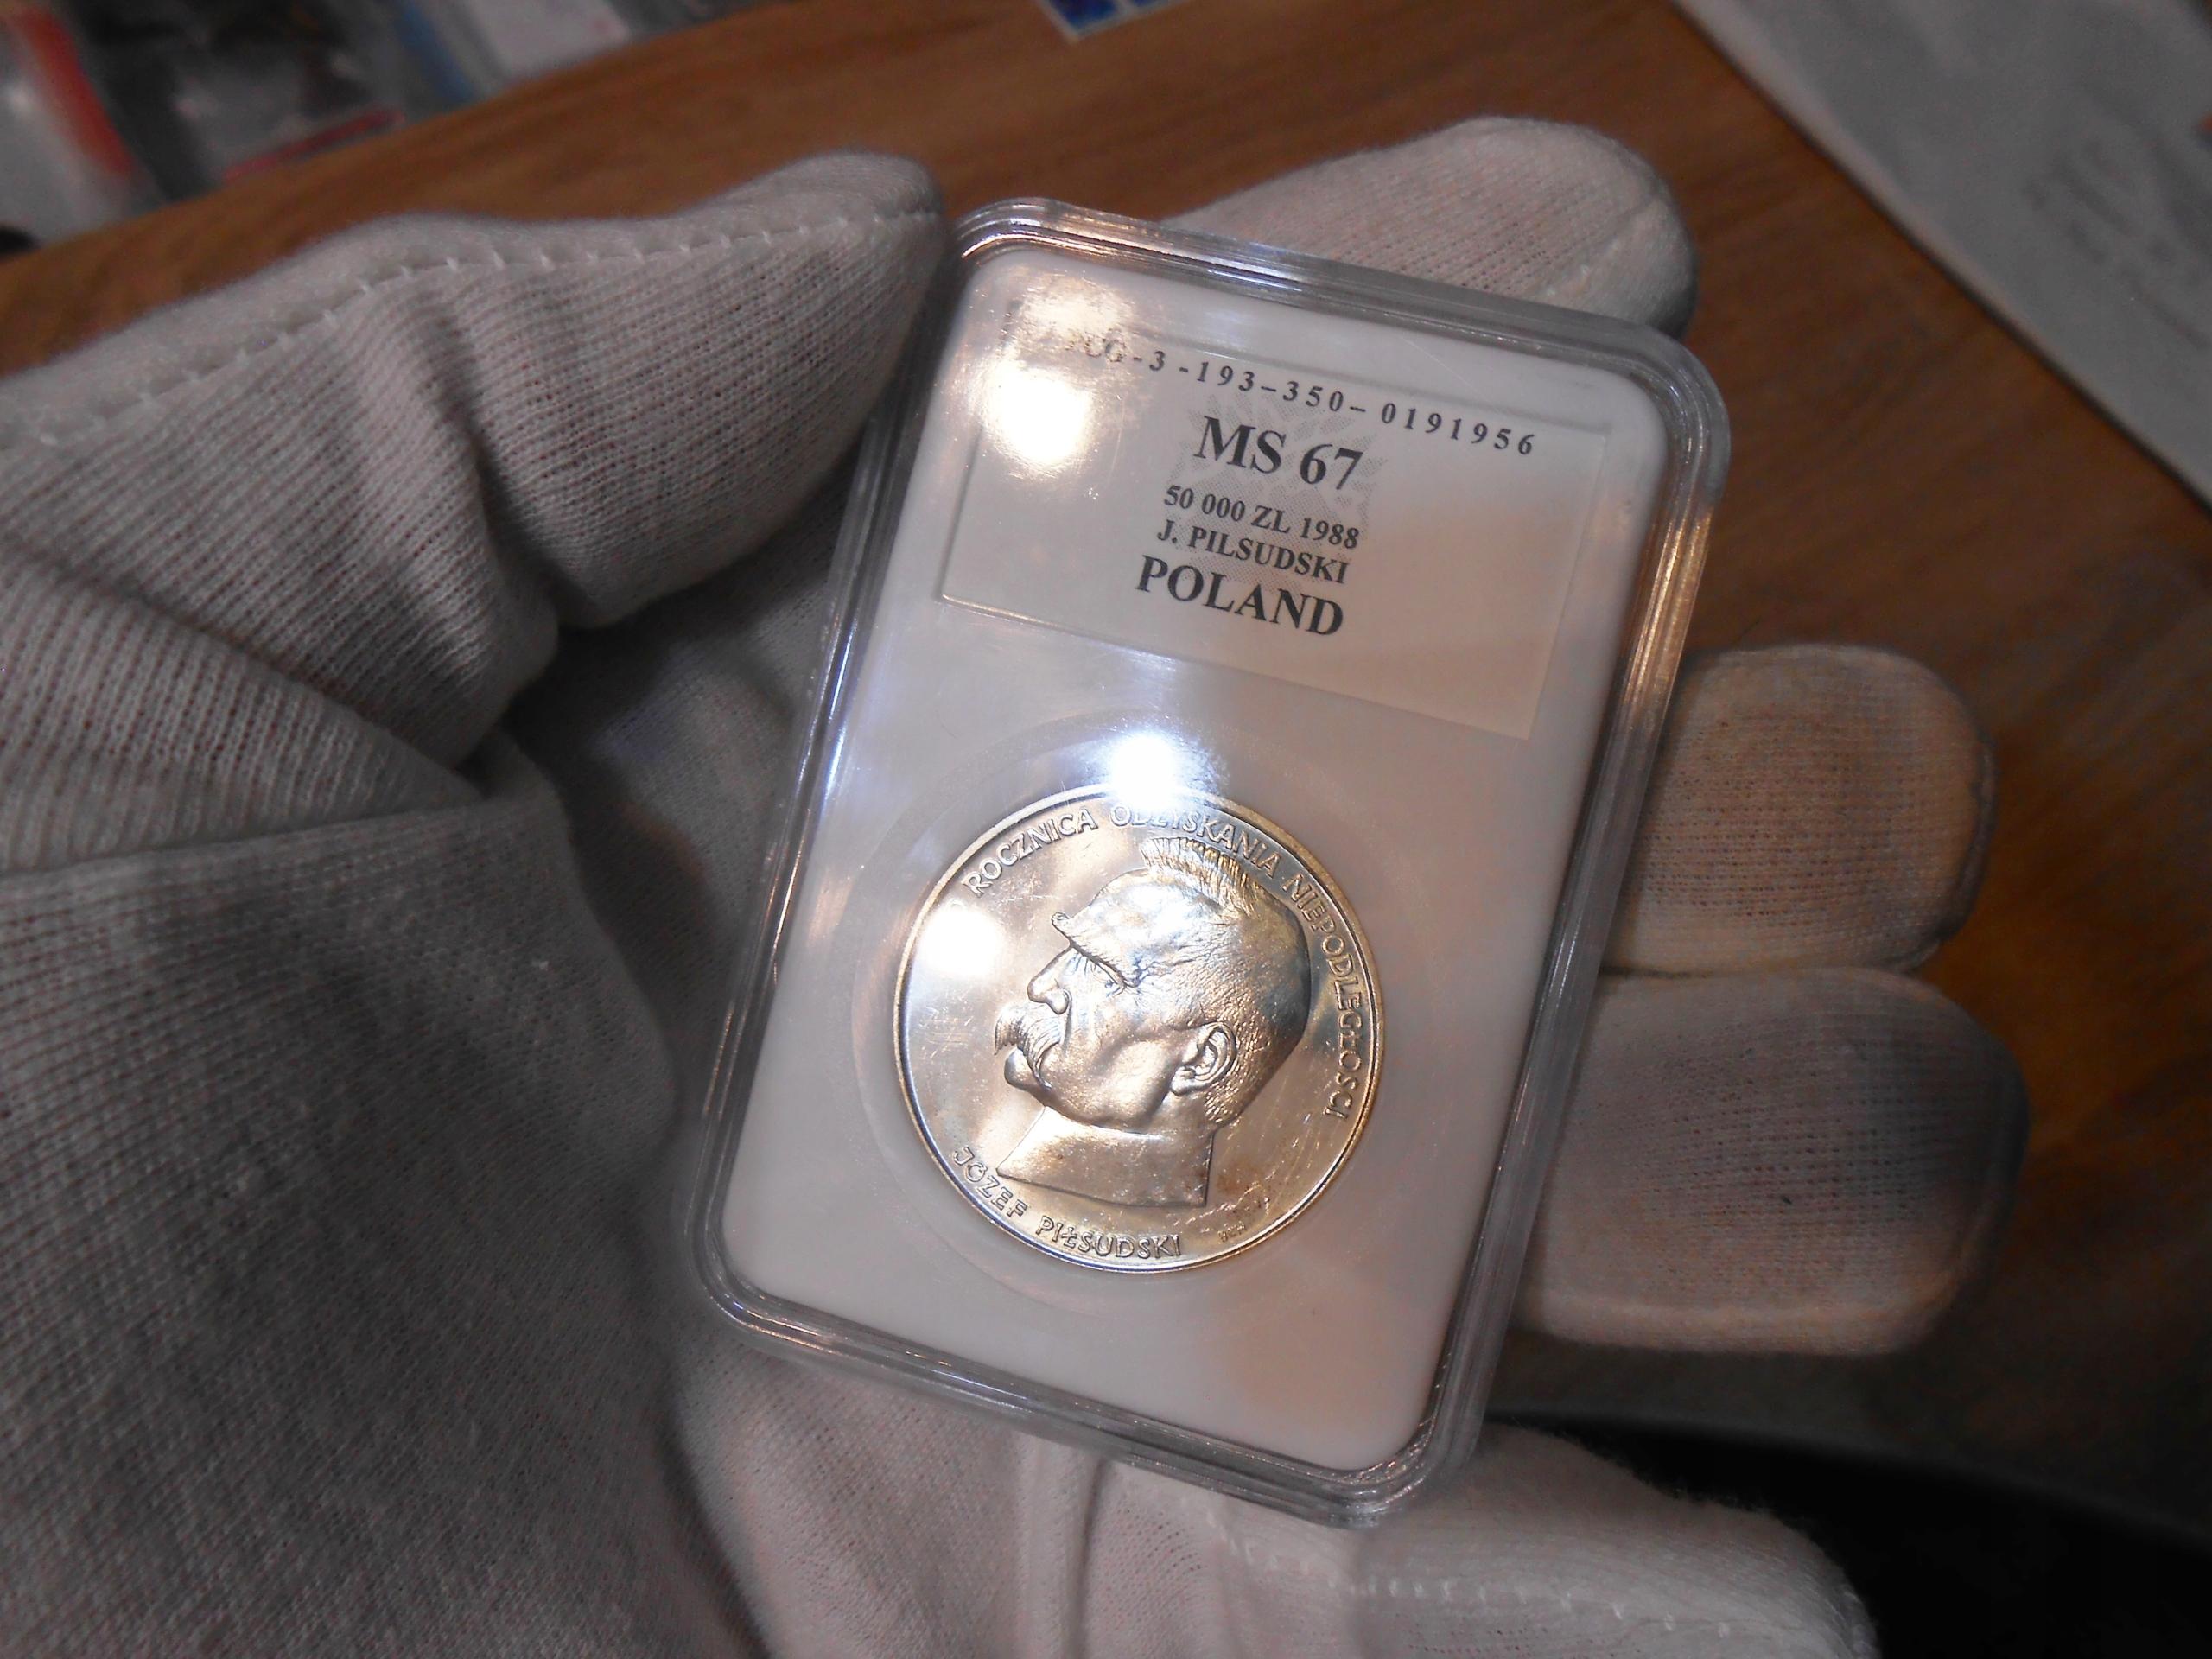 stara moneta ze srebra w opakowaniu bardzo Tanio